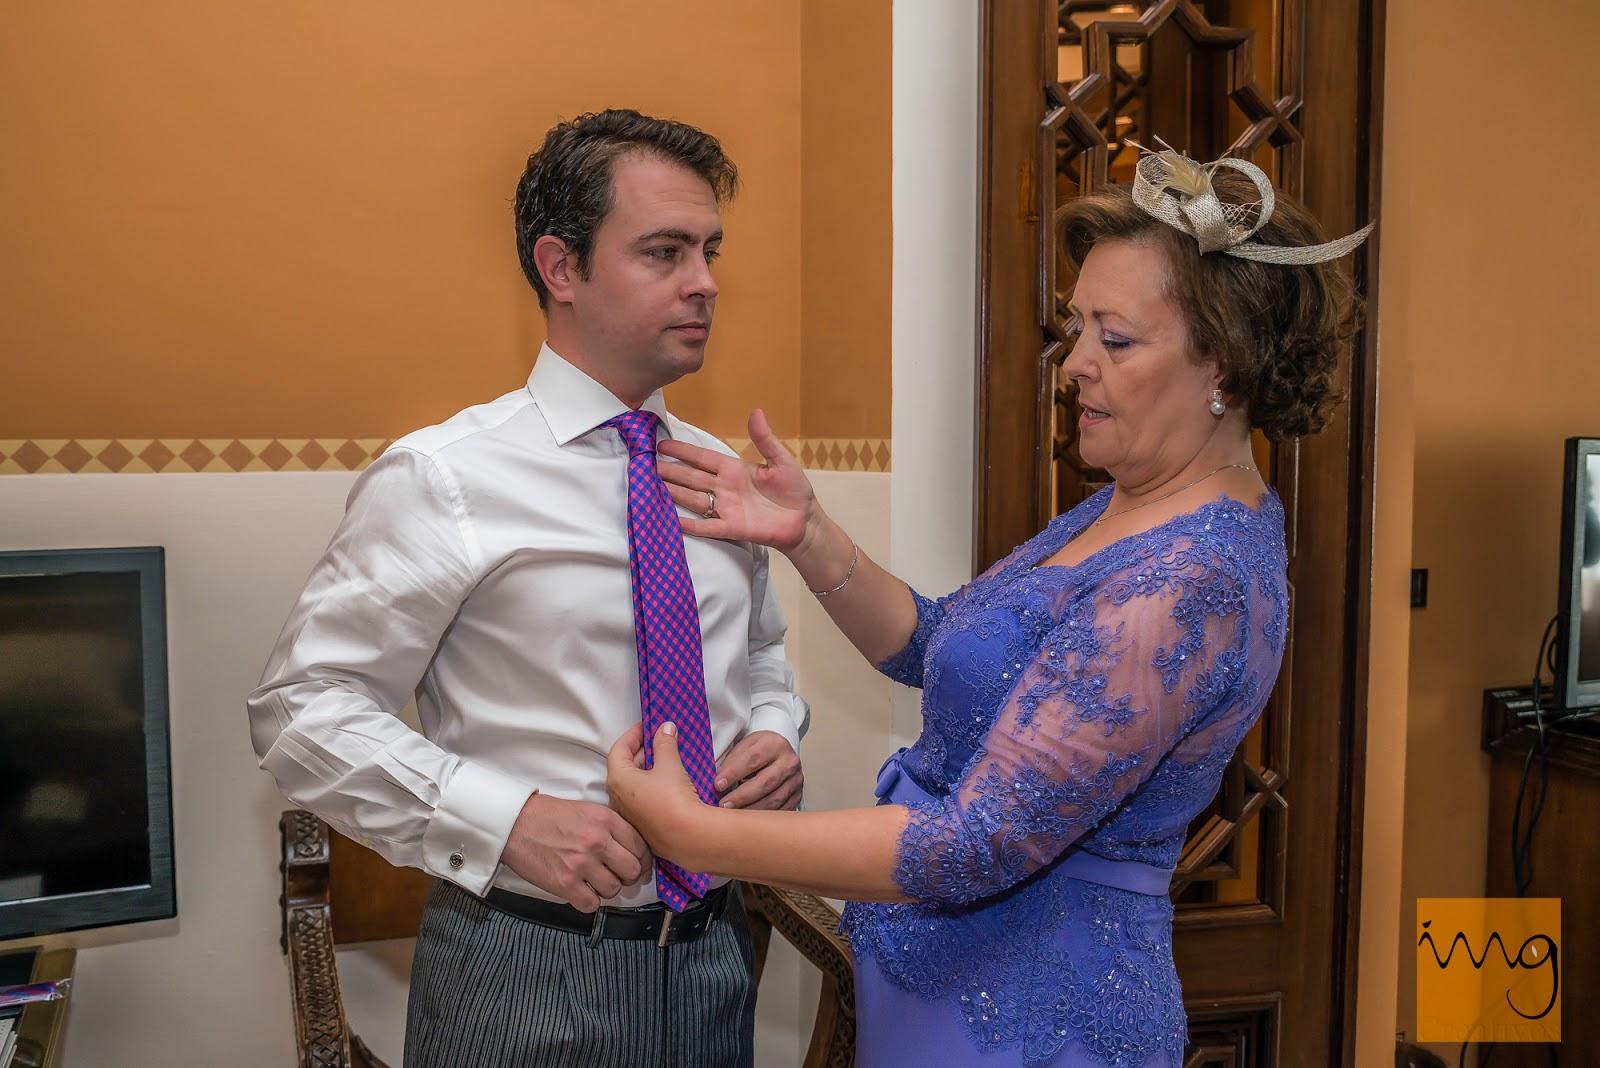 Fotografía de boda con la madre del novio